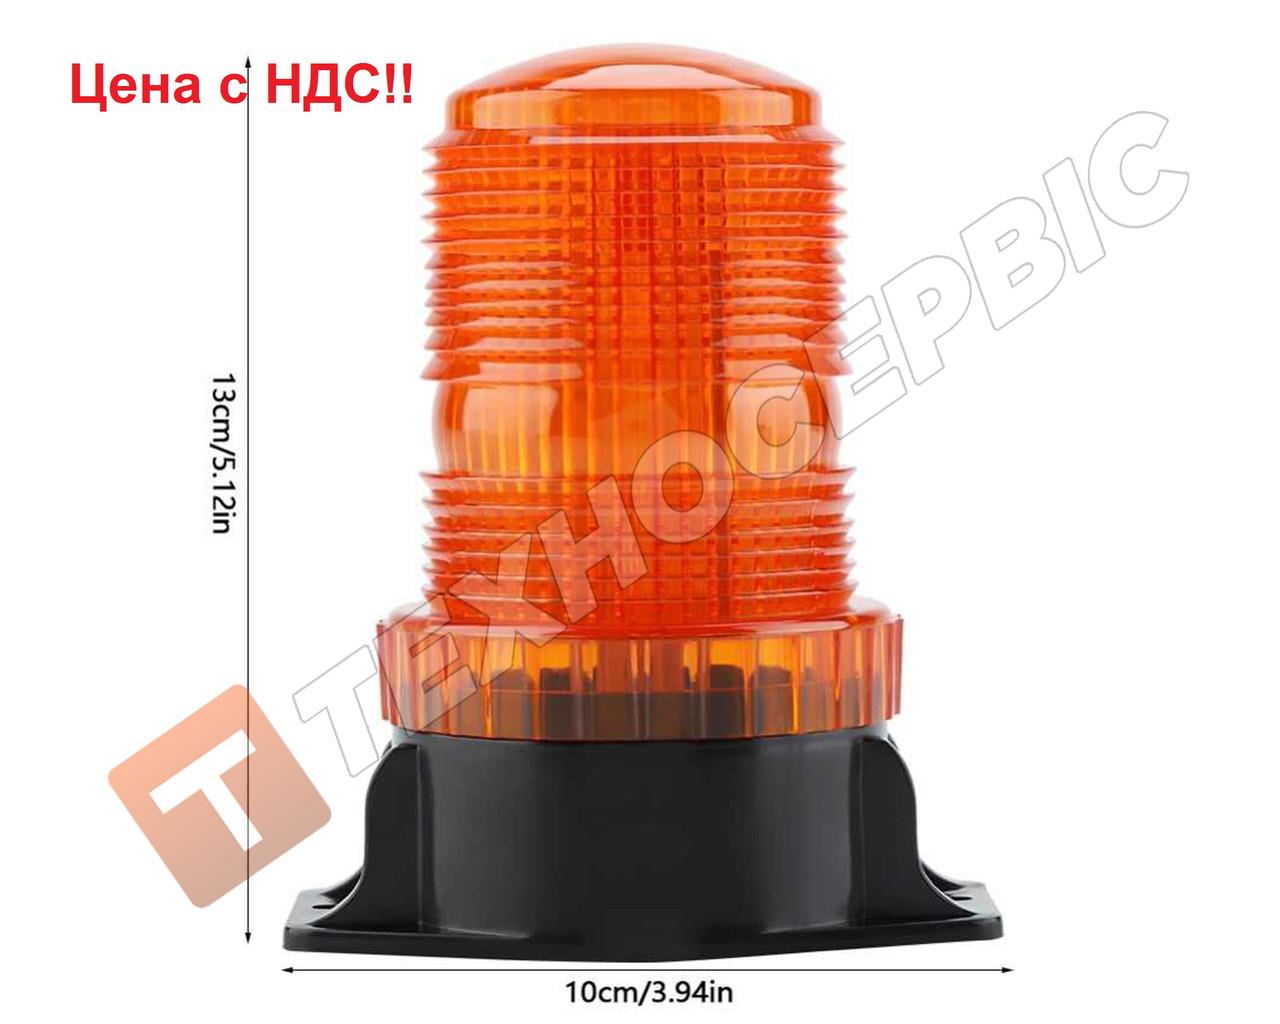 Маячок проблесковый оранжевый светодиодный LED 10-30Вольт (мигалка) стационарное крепление Турция (ЦЕНА С НДС)